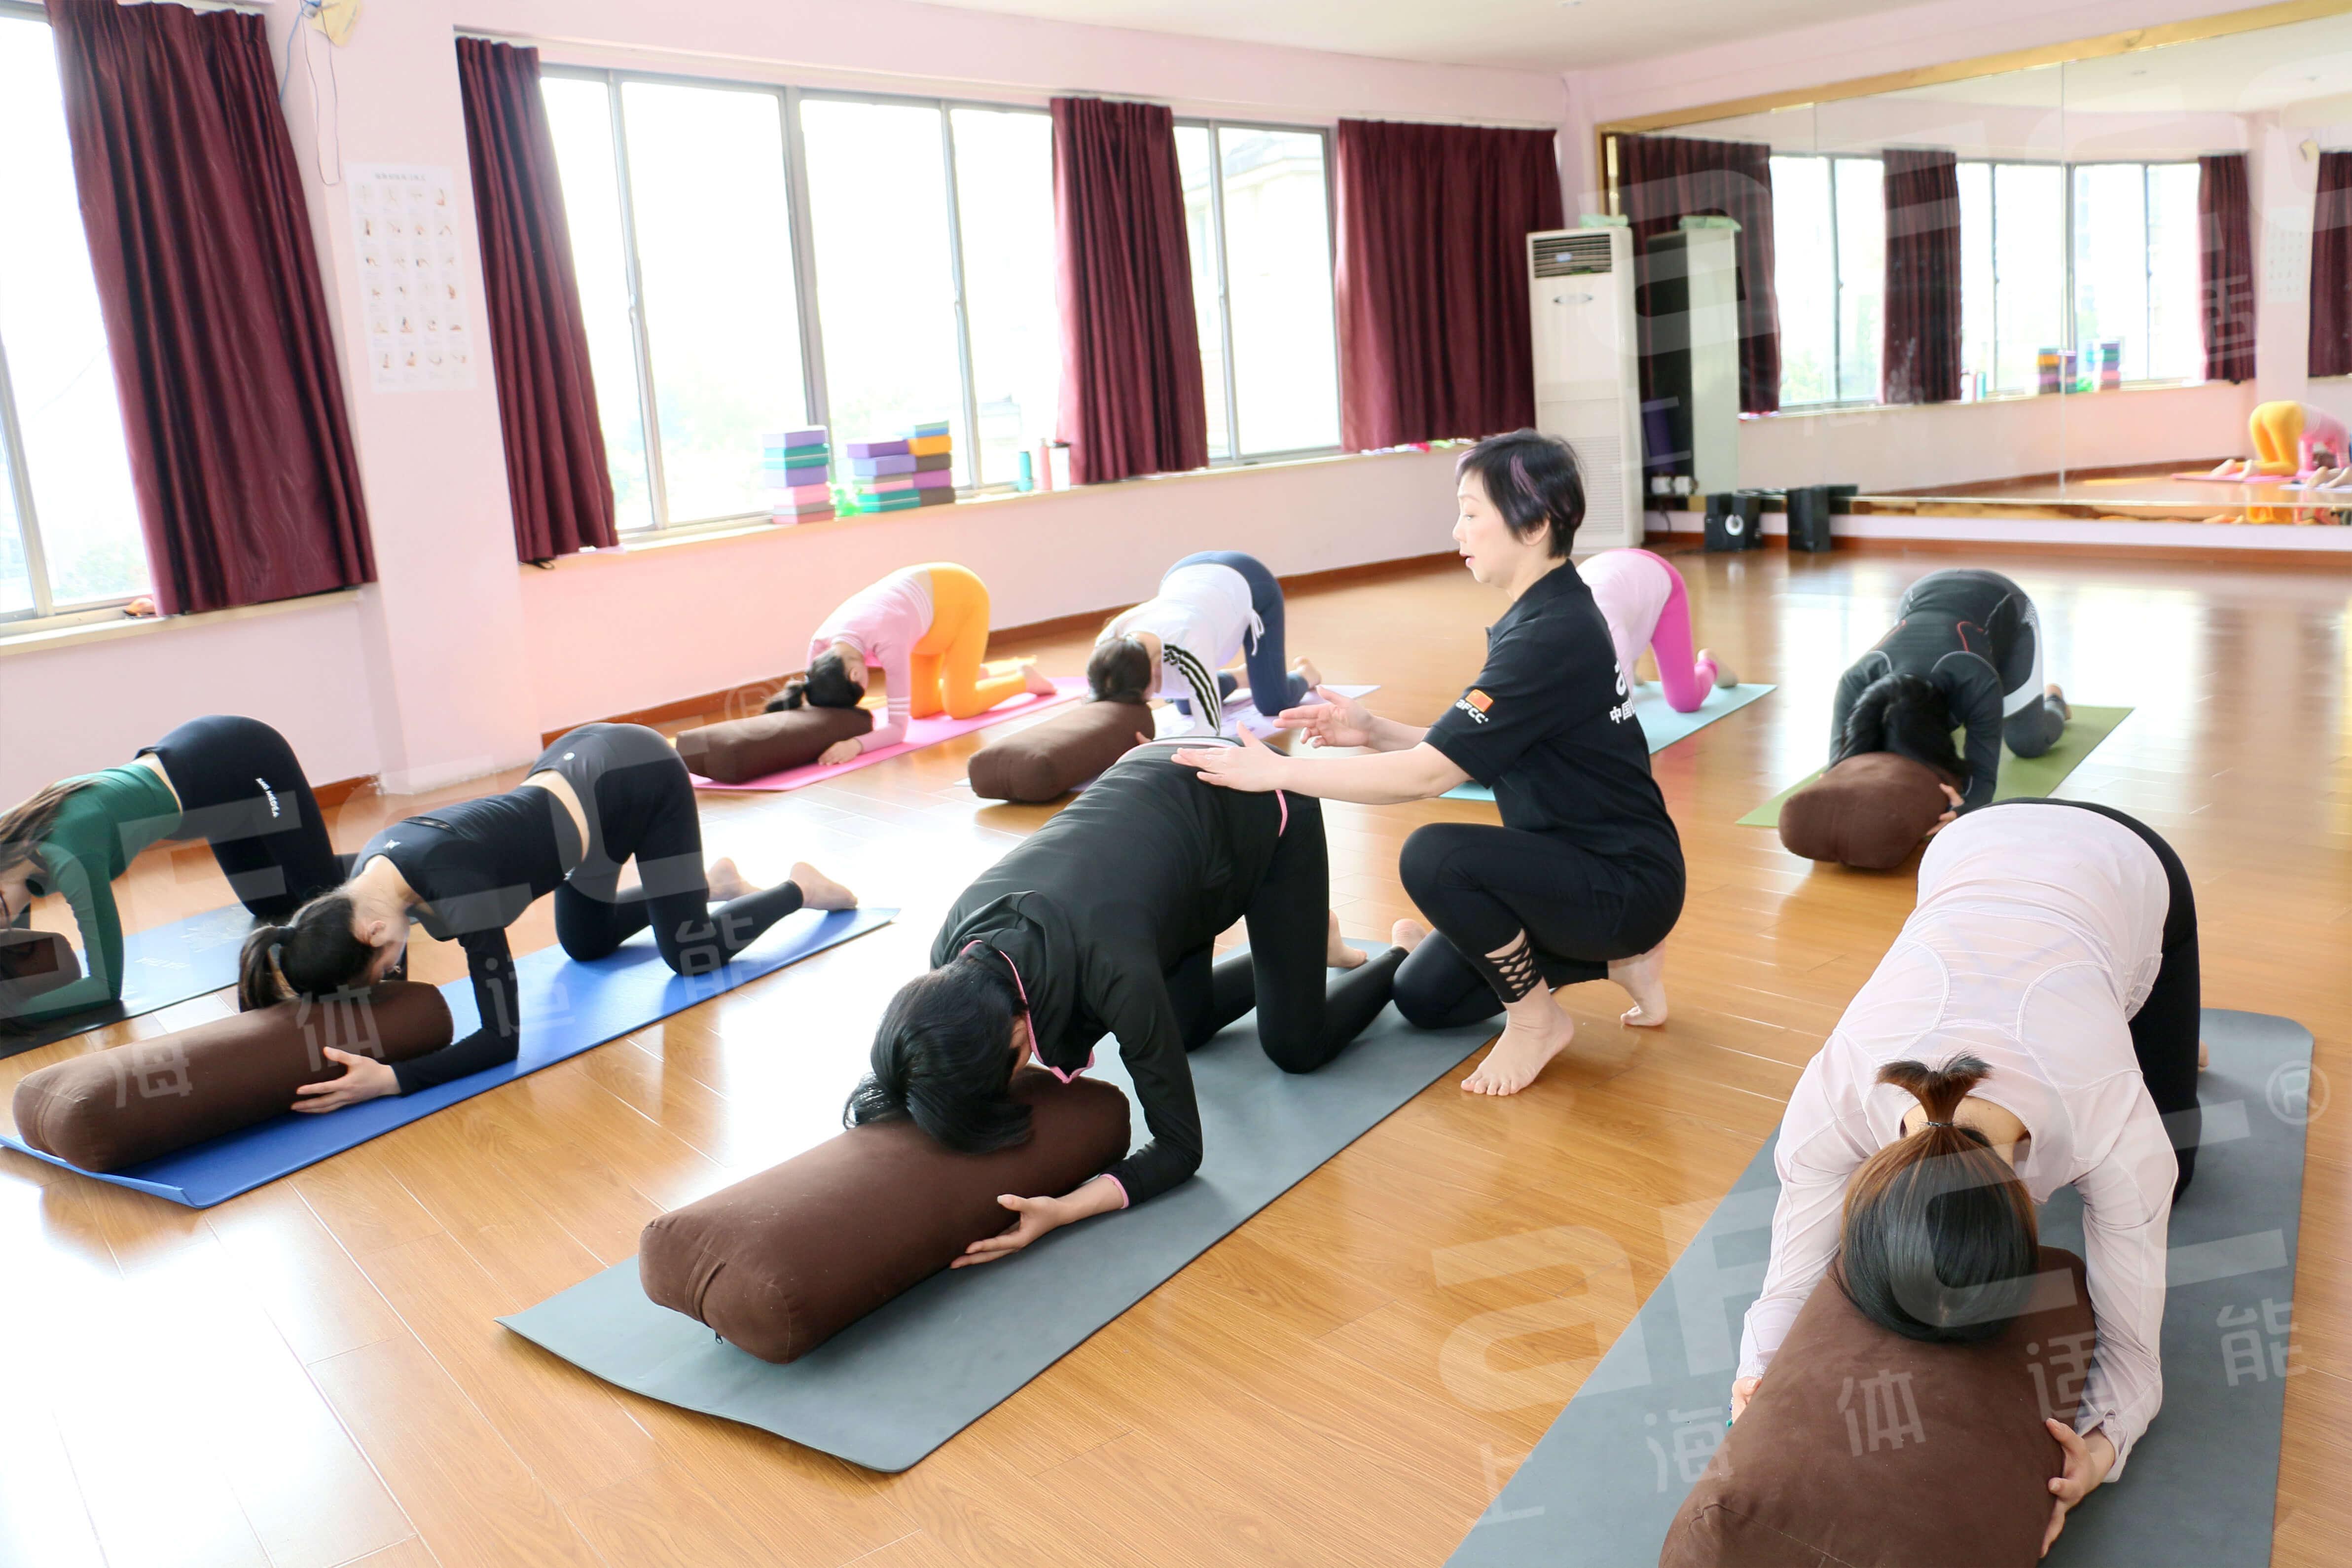 阴瑜伽(Yinyoga)是美国瑜伽导师PaulGrilley在1979年创立的一个流派